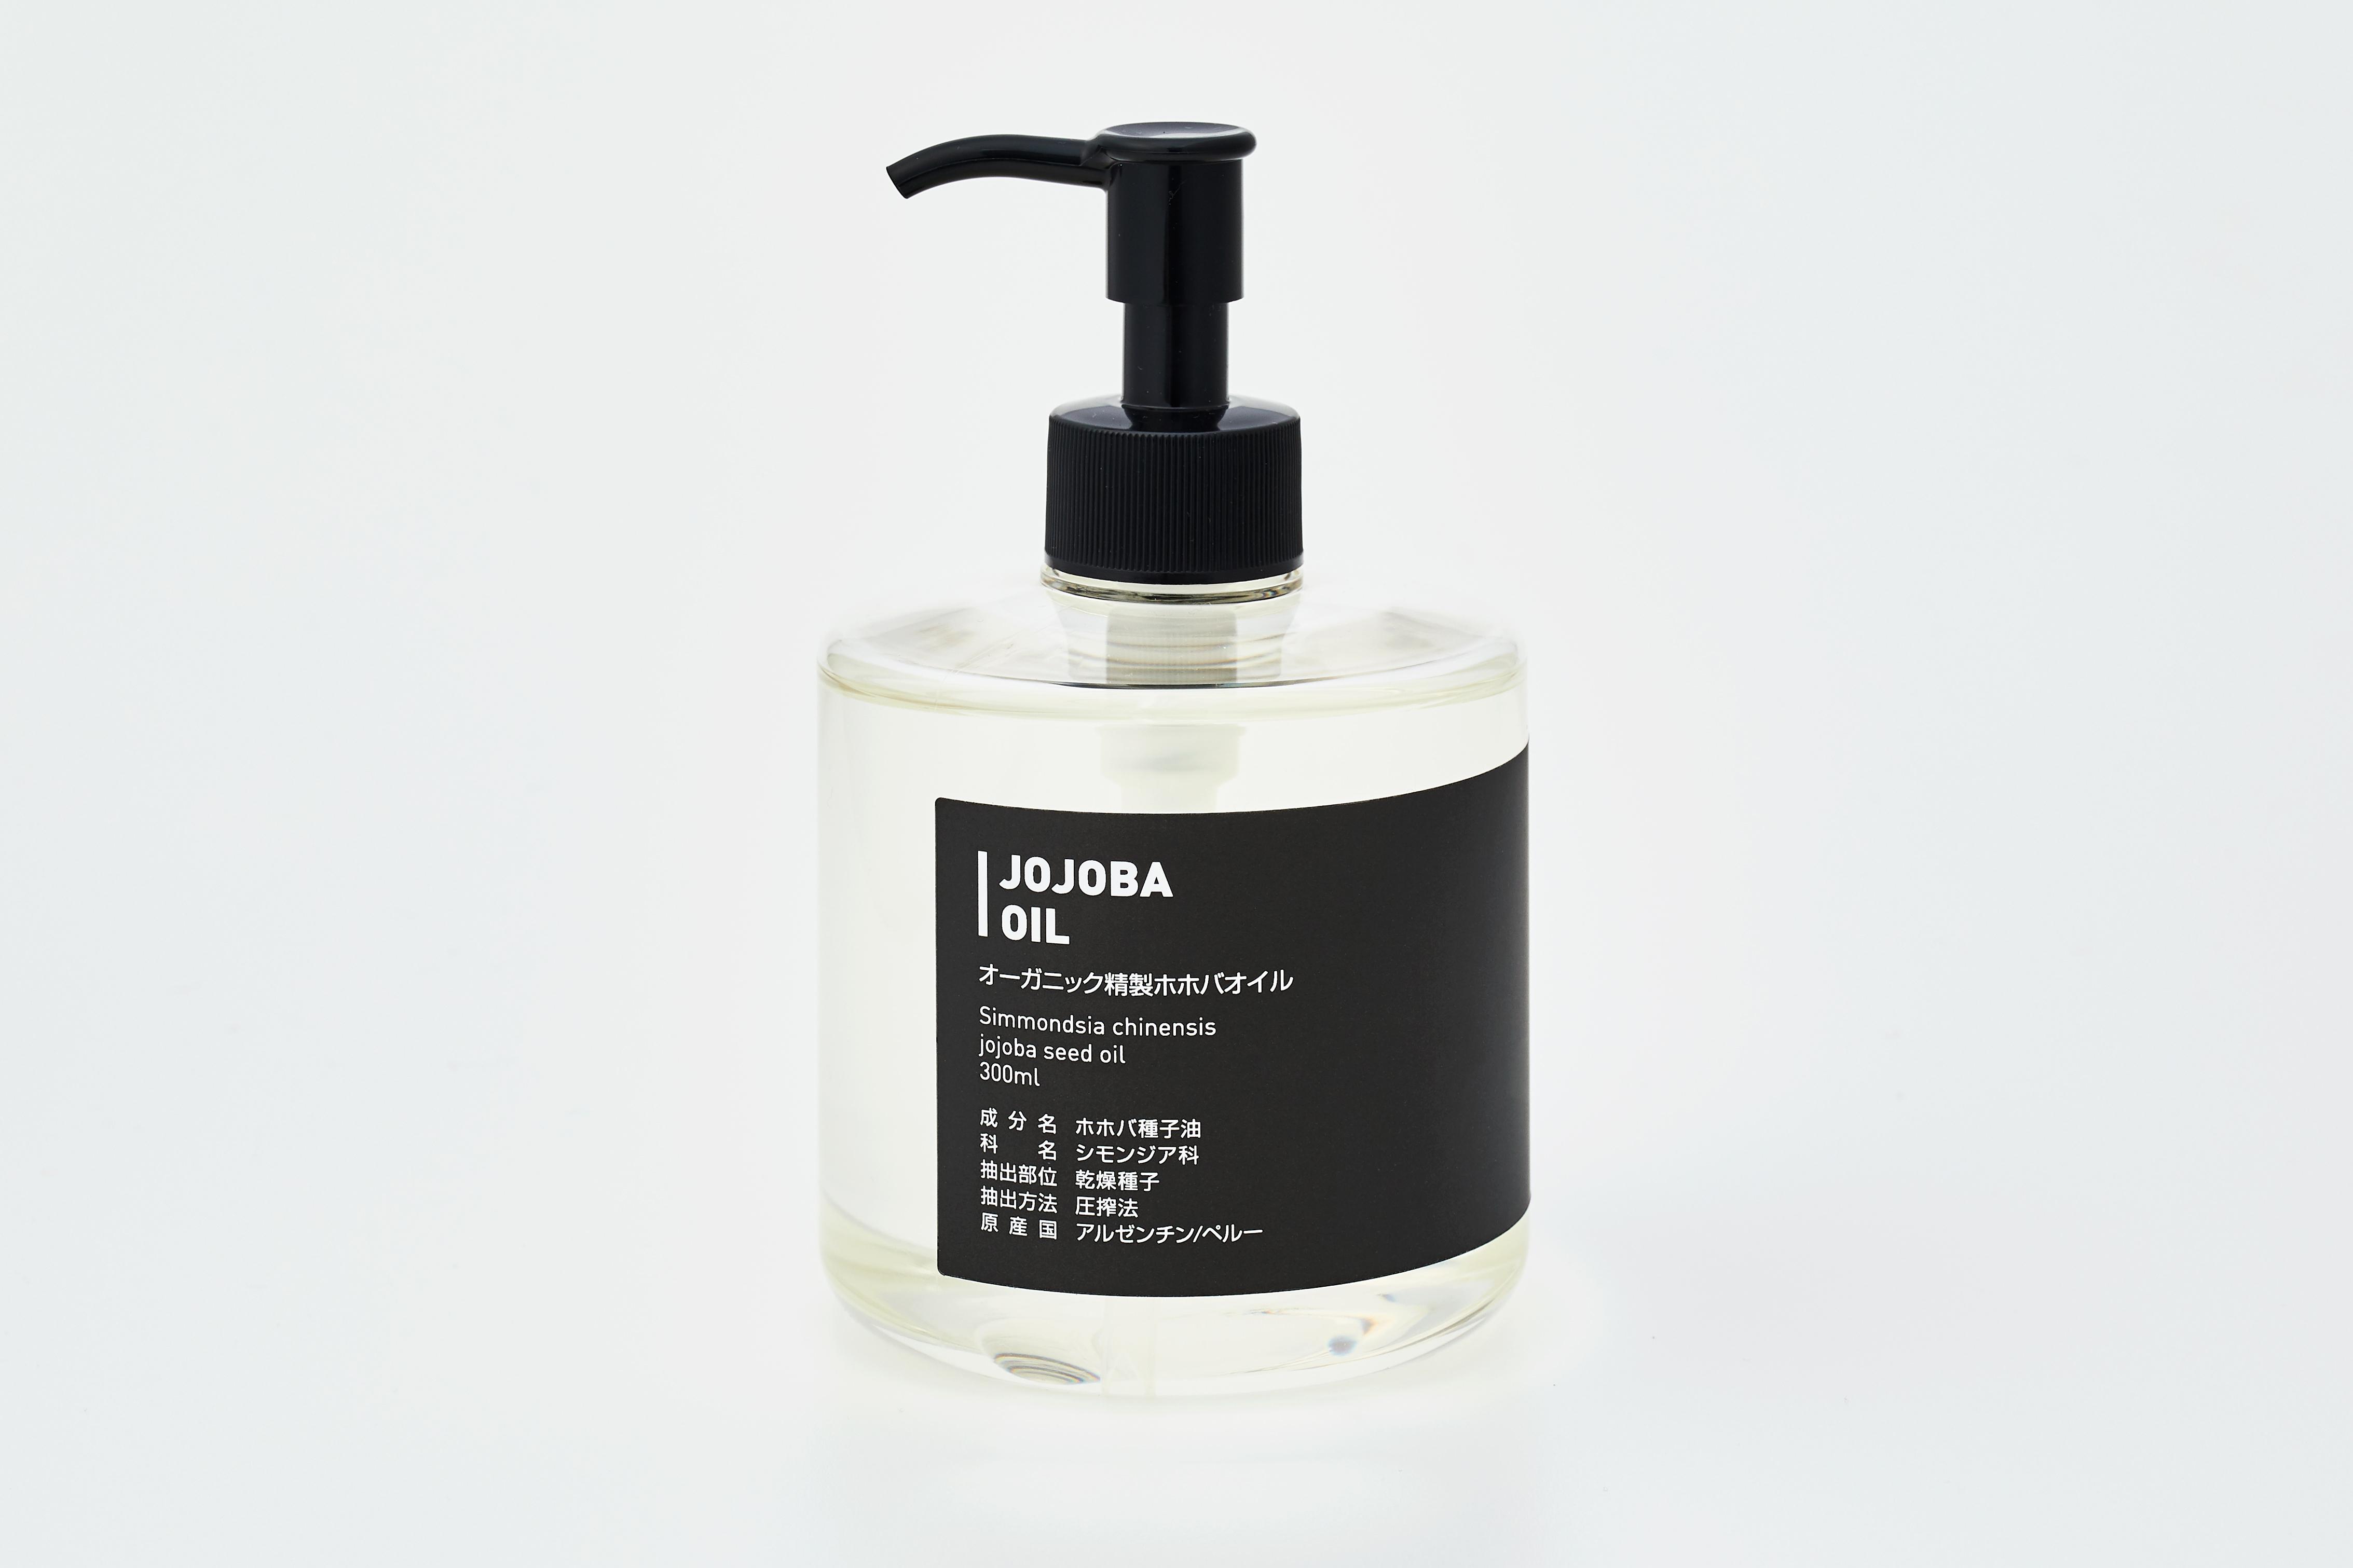 オーガニック精製ホホバ油 300ml